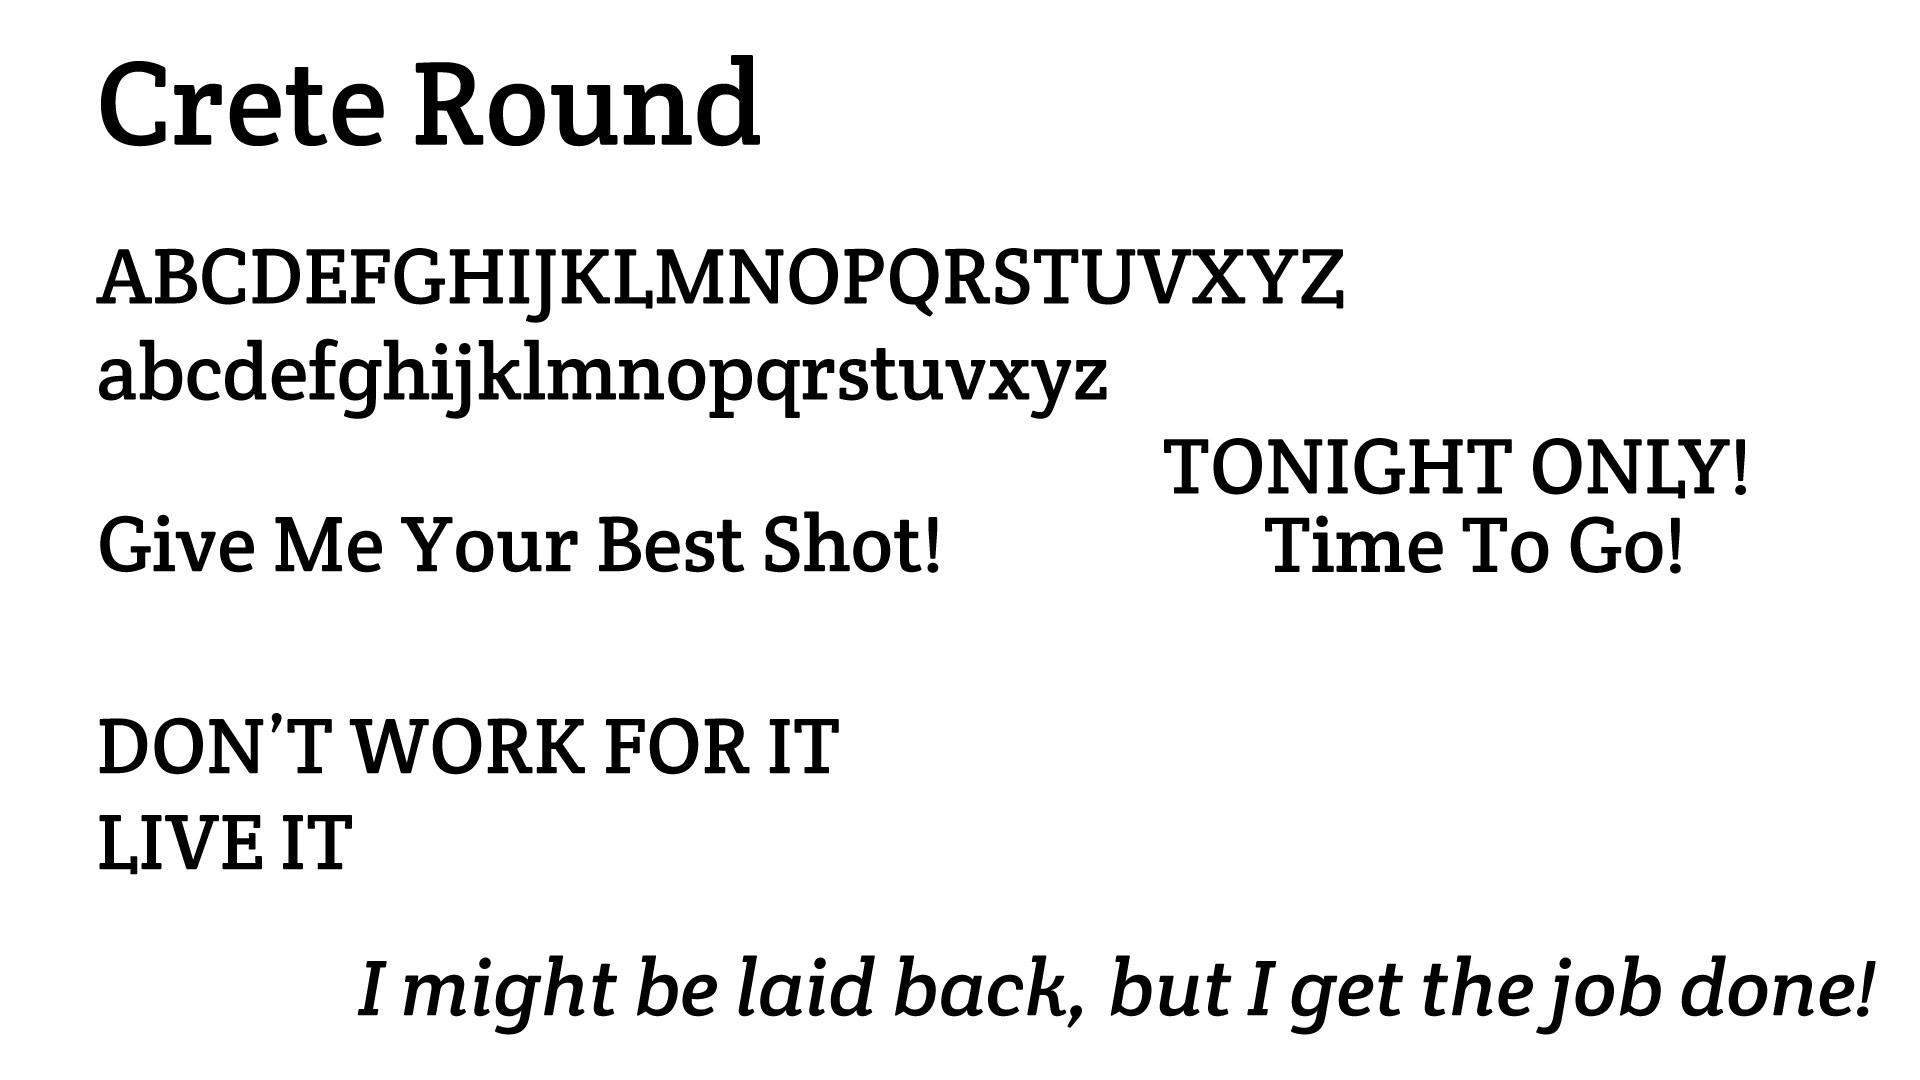 Slab Serif: CRETE ROUND